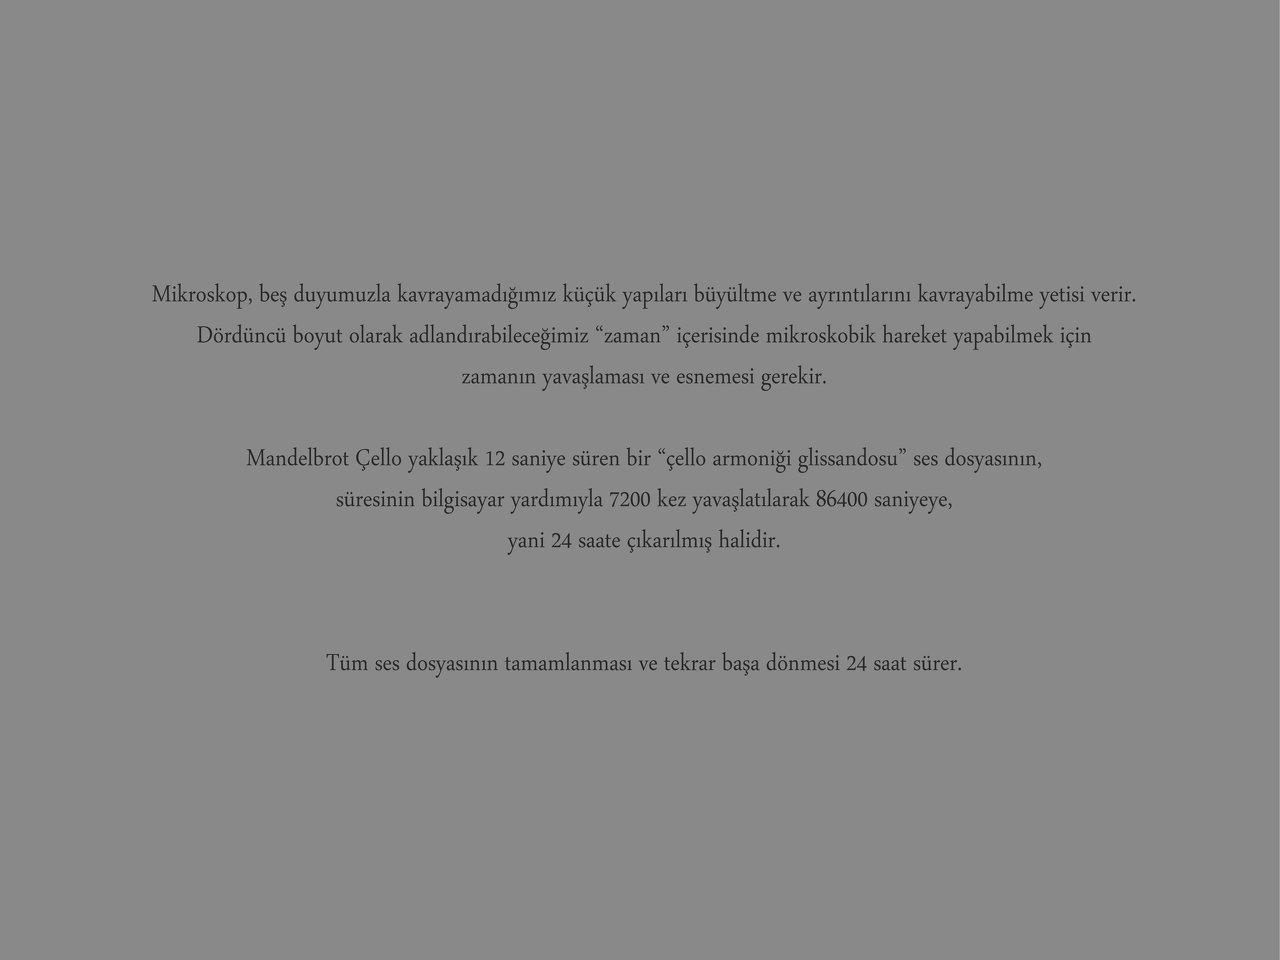 Mandelbrot Cello tr 2.jpg